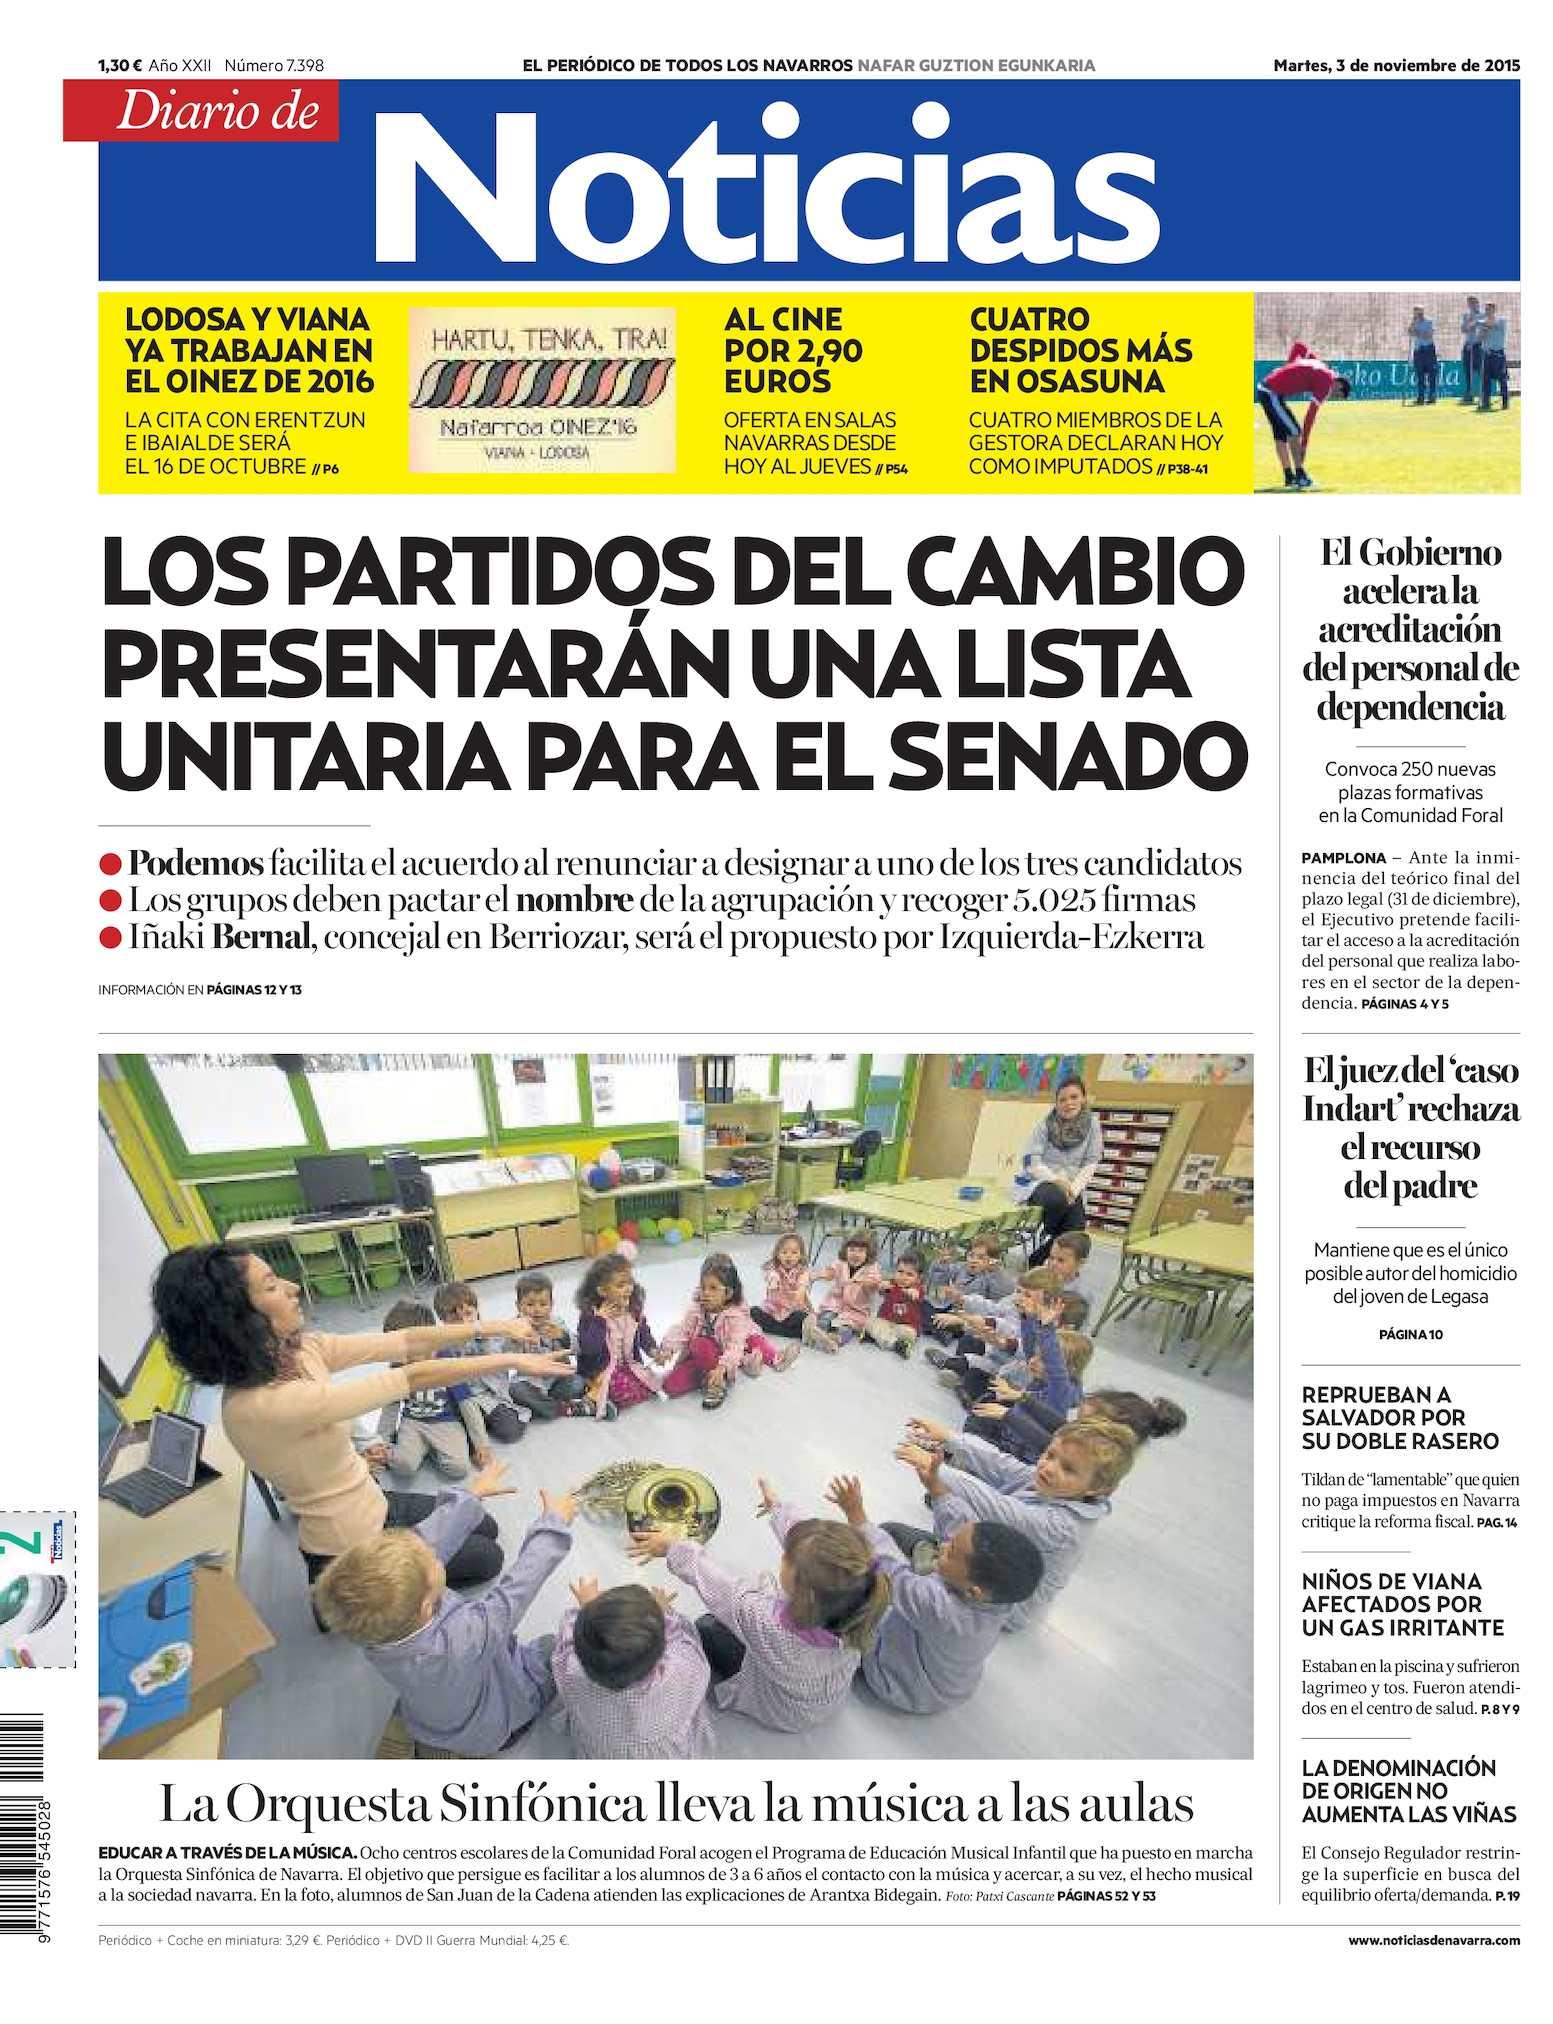 Calaméo - Diario de Noticias 20151103